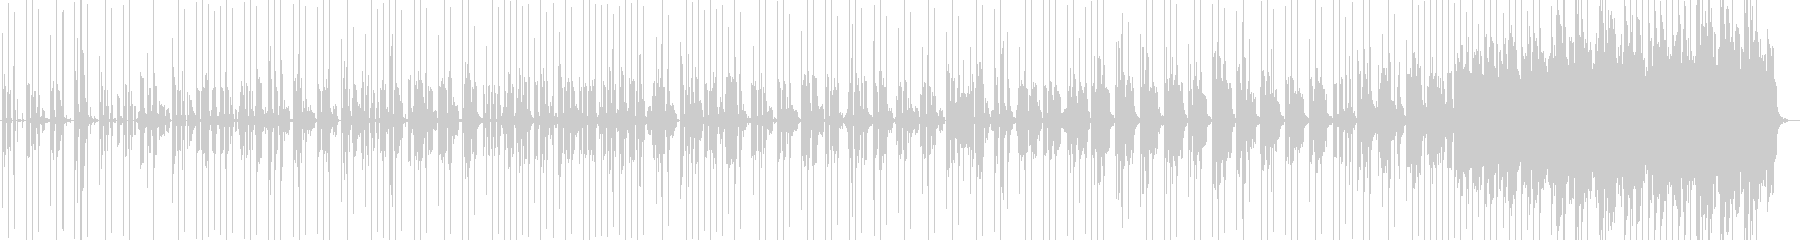 ロボットが会話してるような音楽の未再生の波形